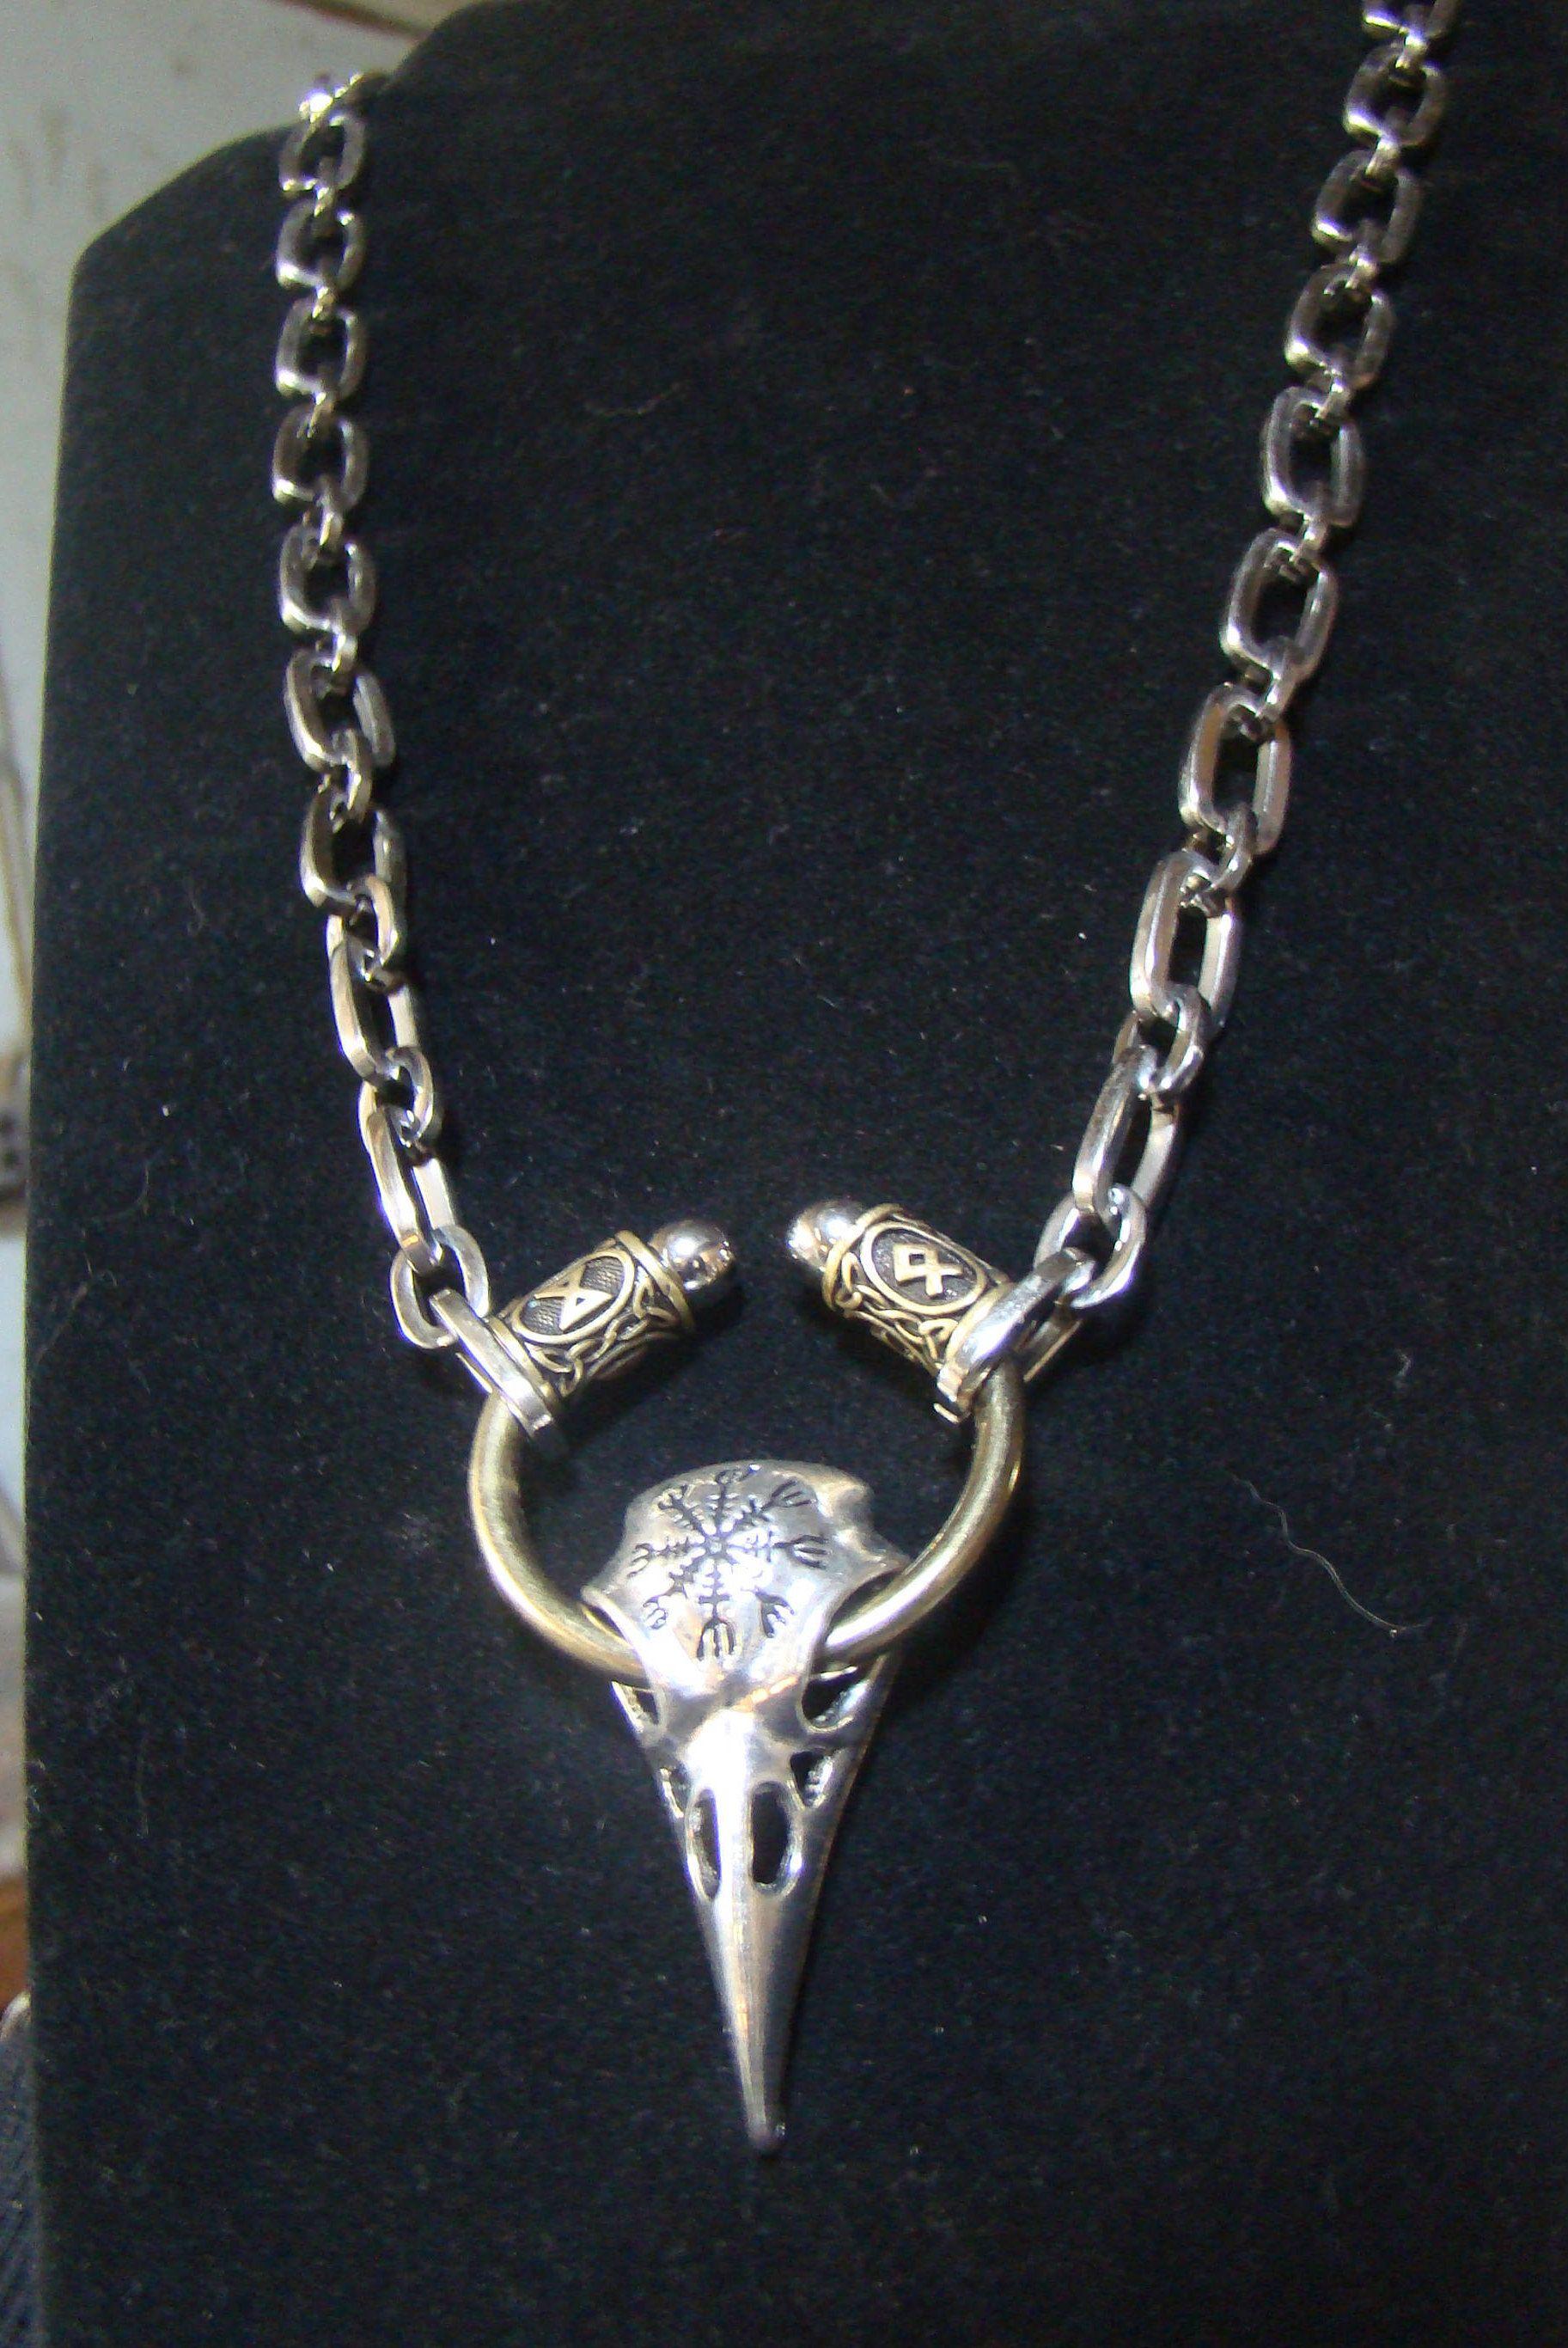 Helm of Awe Rune Necklace Viking Raven Skull Odin BADASS Viking Jewelry  Runes HEAVY Brass Ring 24